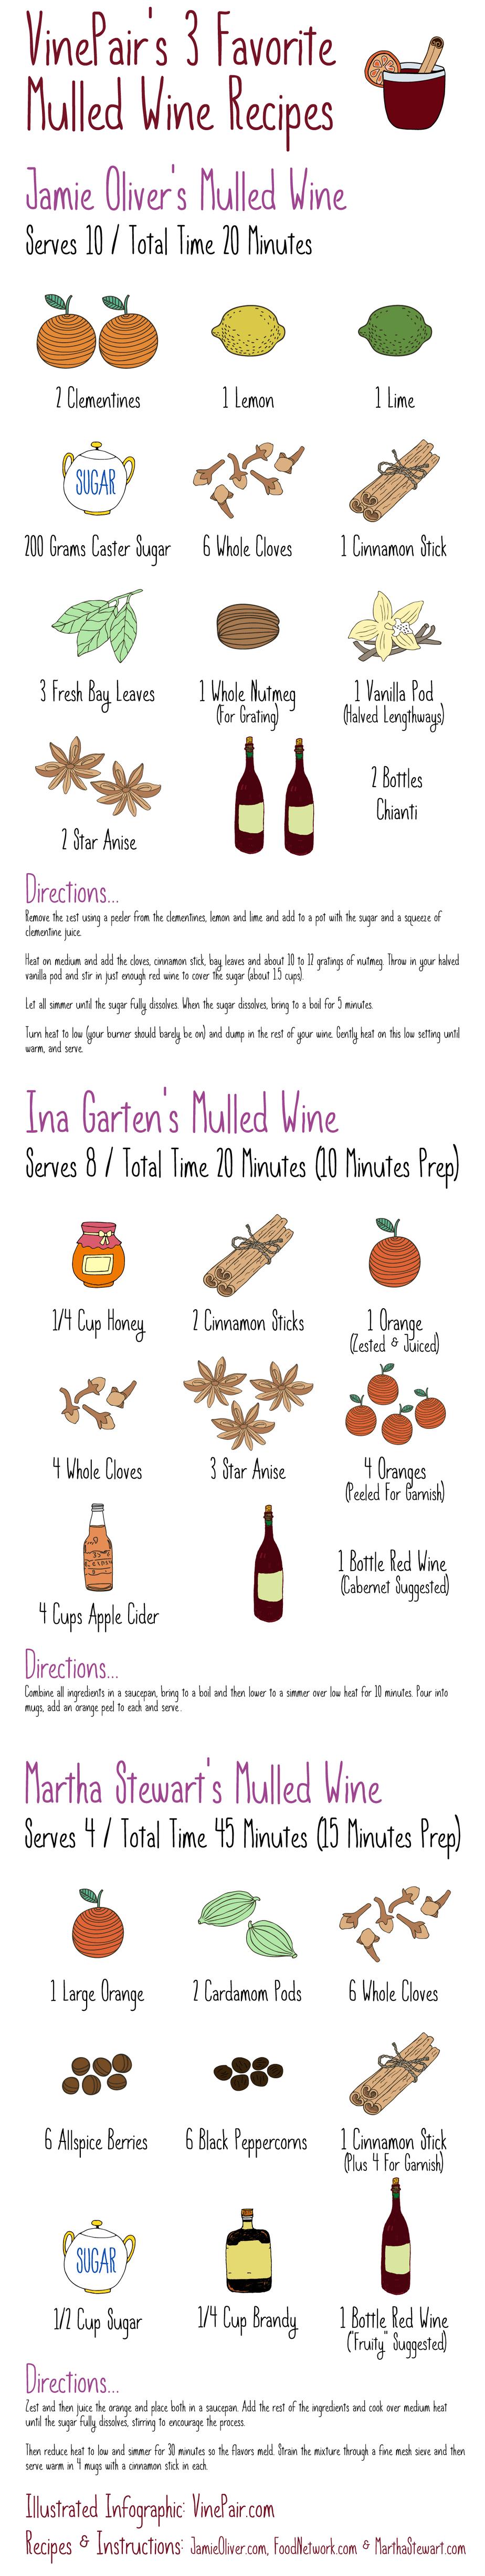 vinepair mulled wine